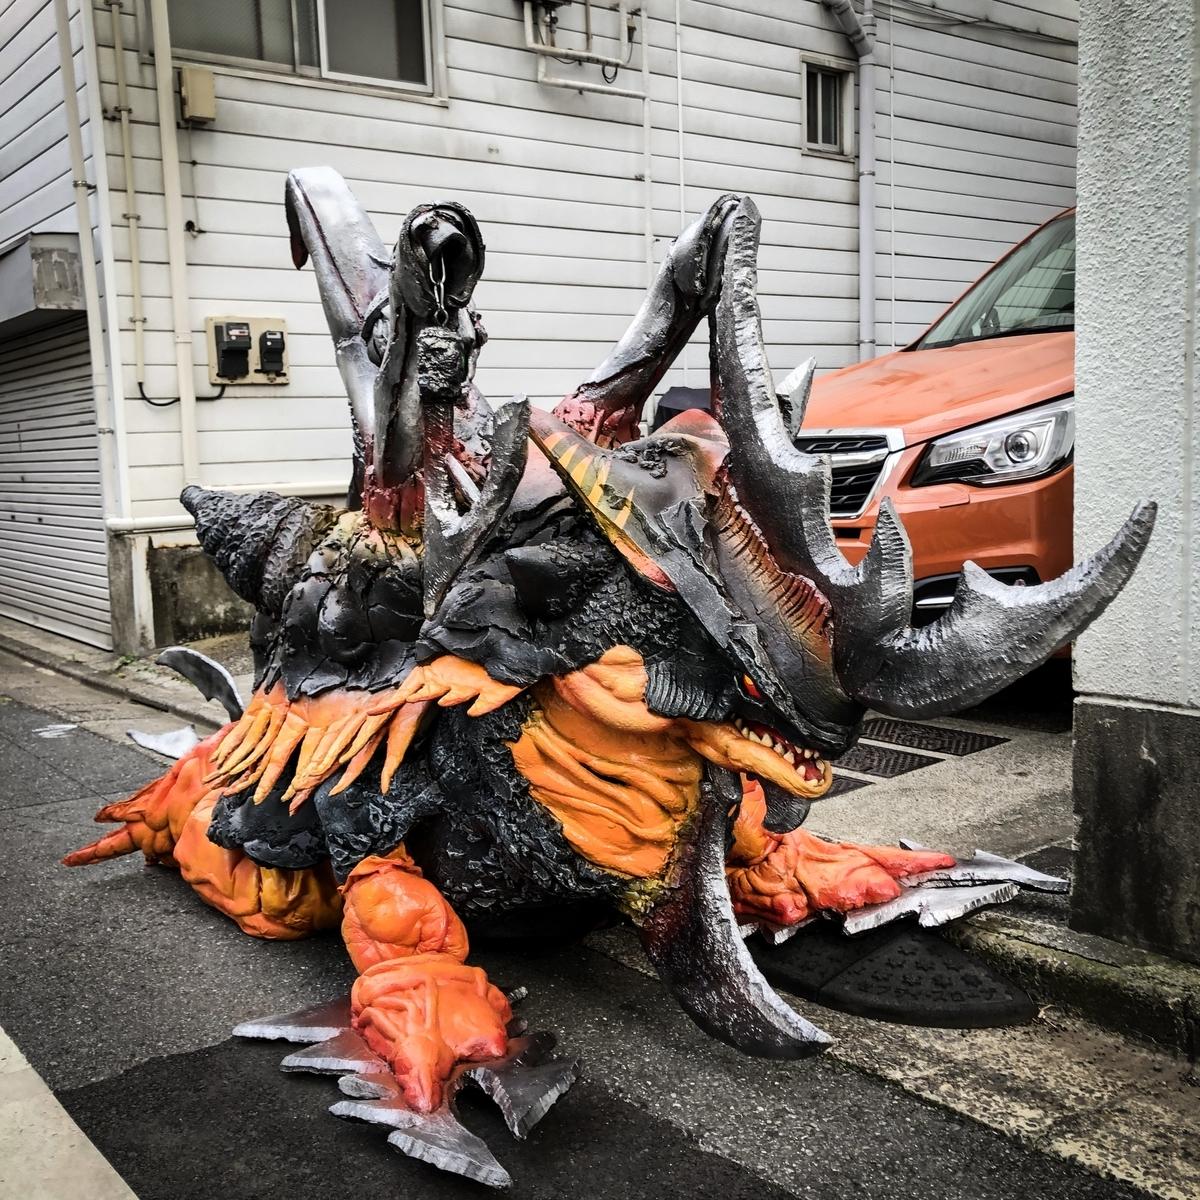 f:id:gigan_yamazaki:20191114235458j:plain